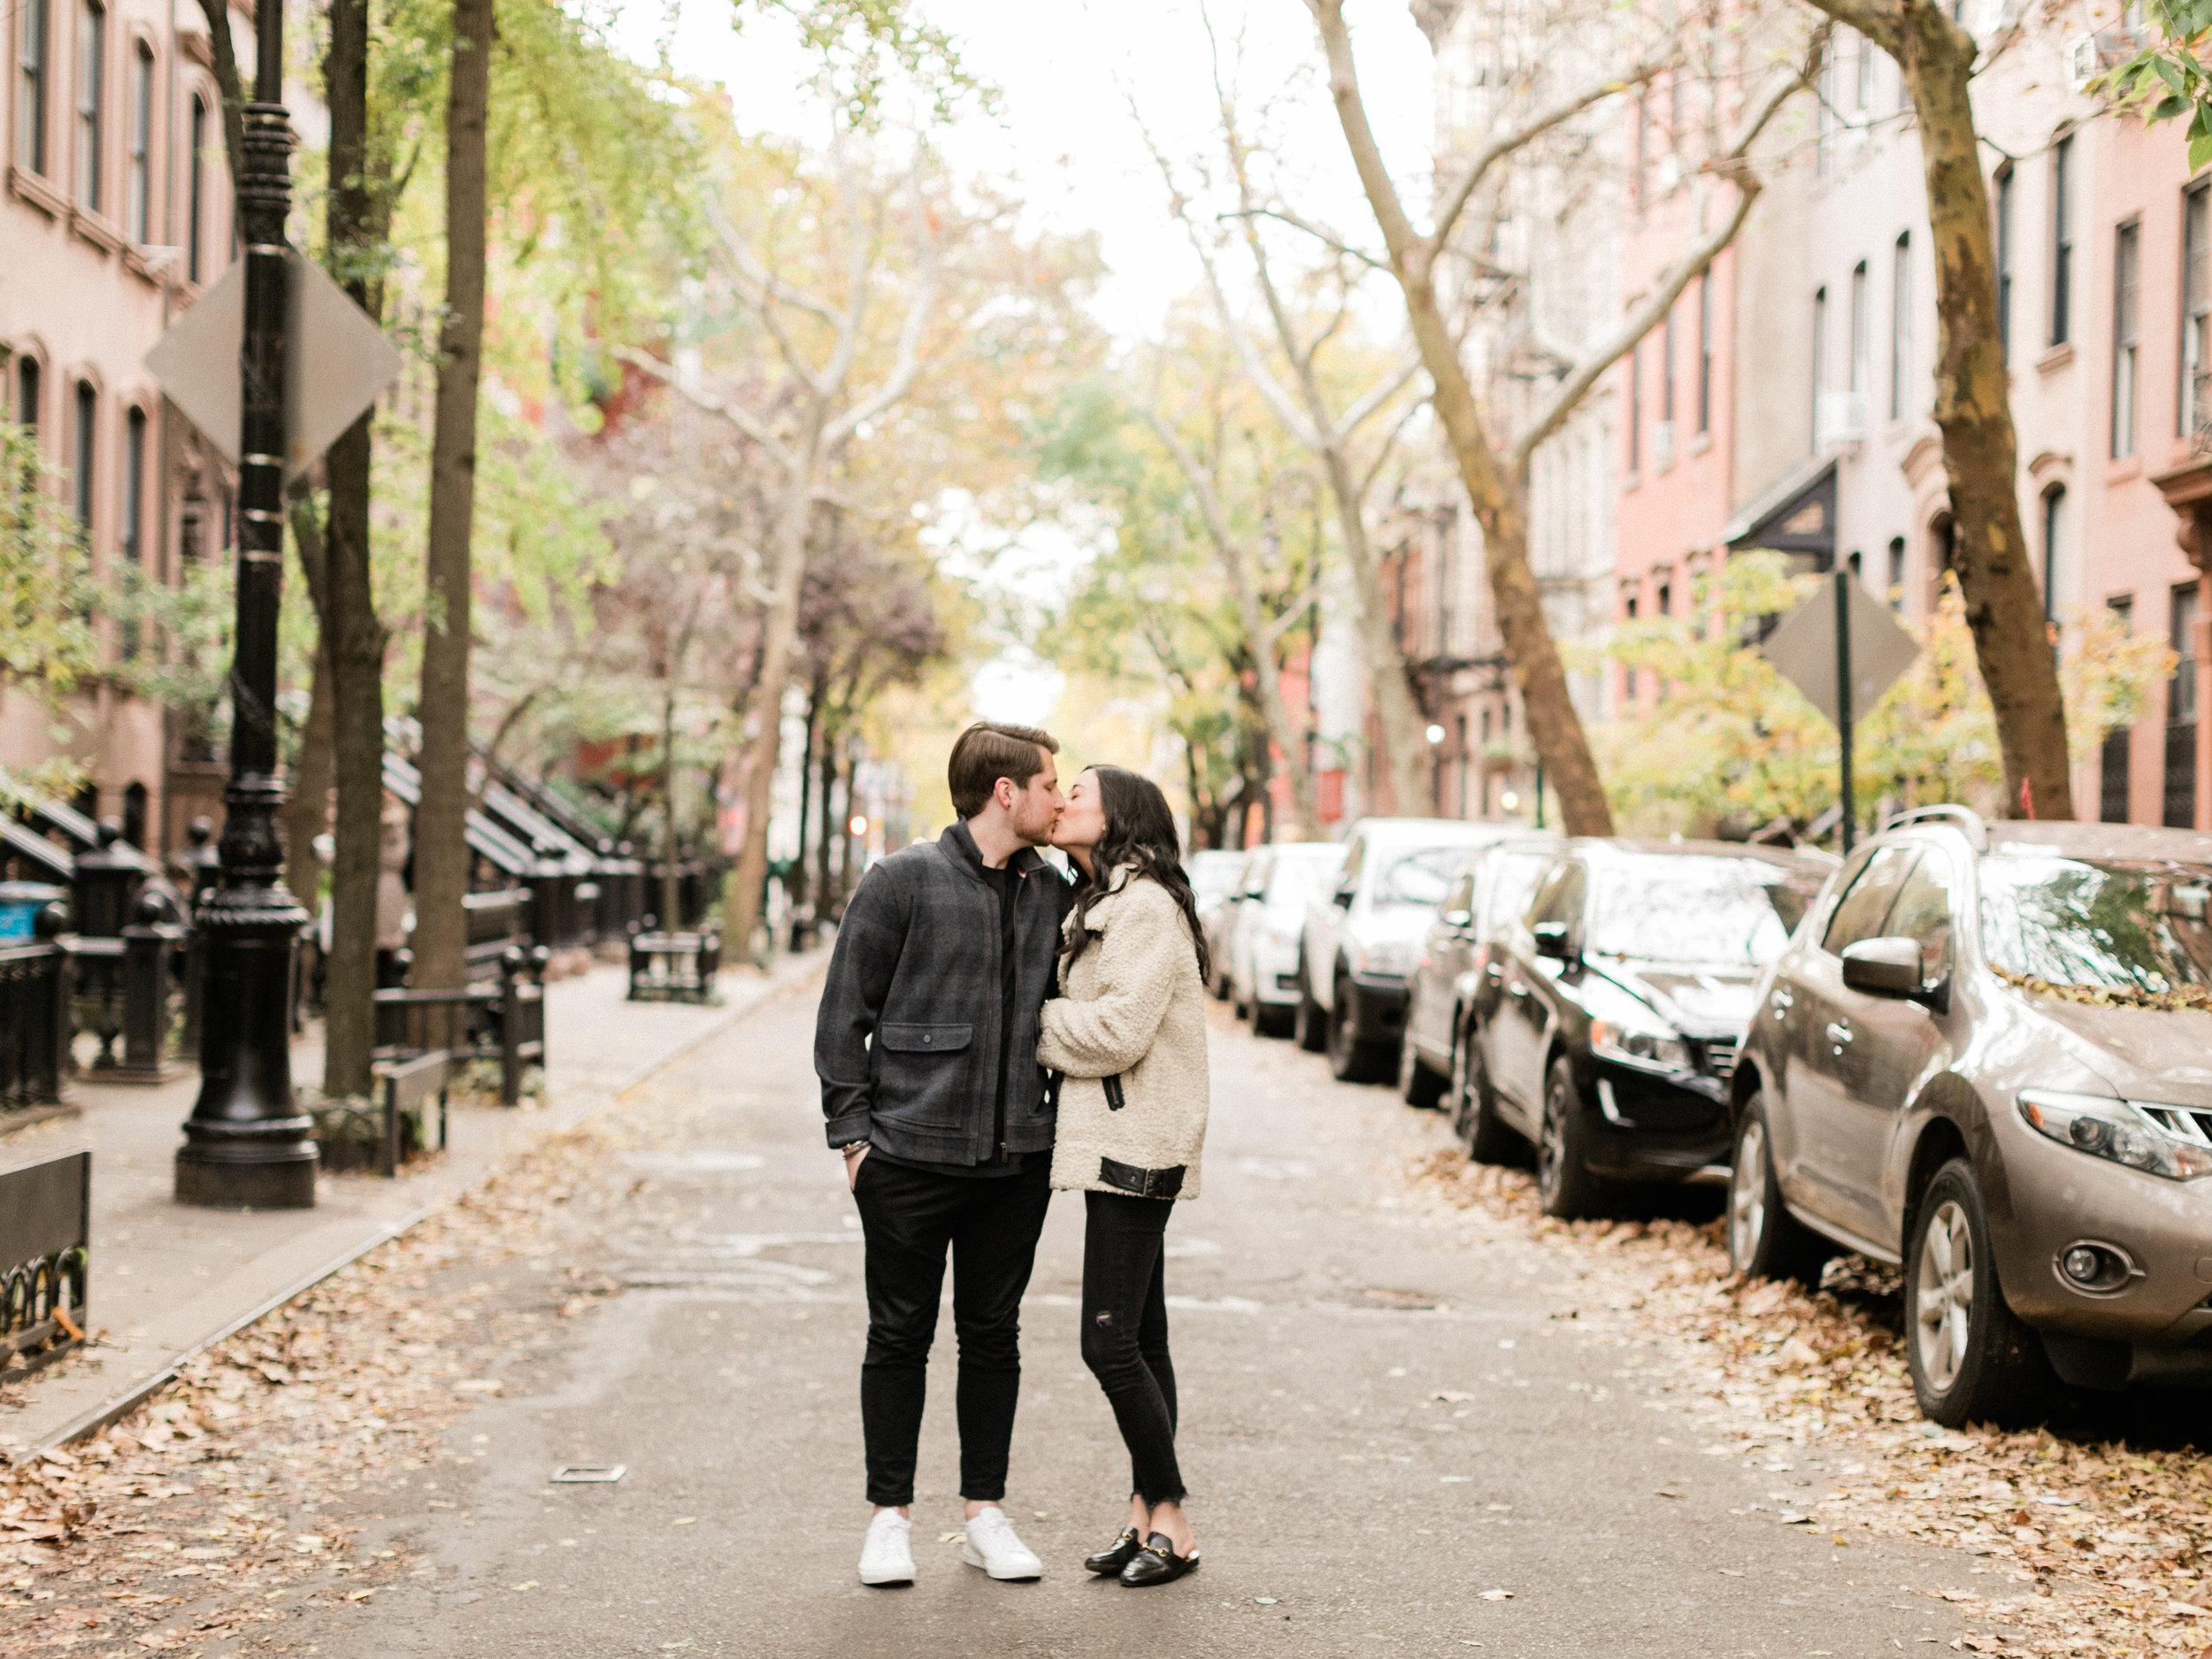 asher-gardner-nyc-engagement-46.jpg